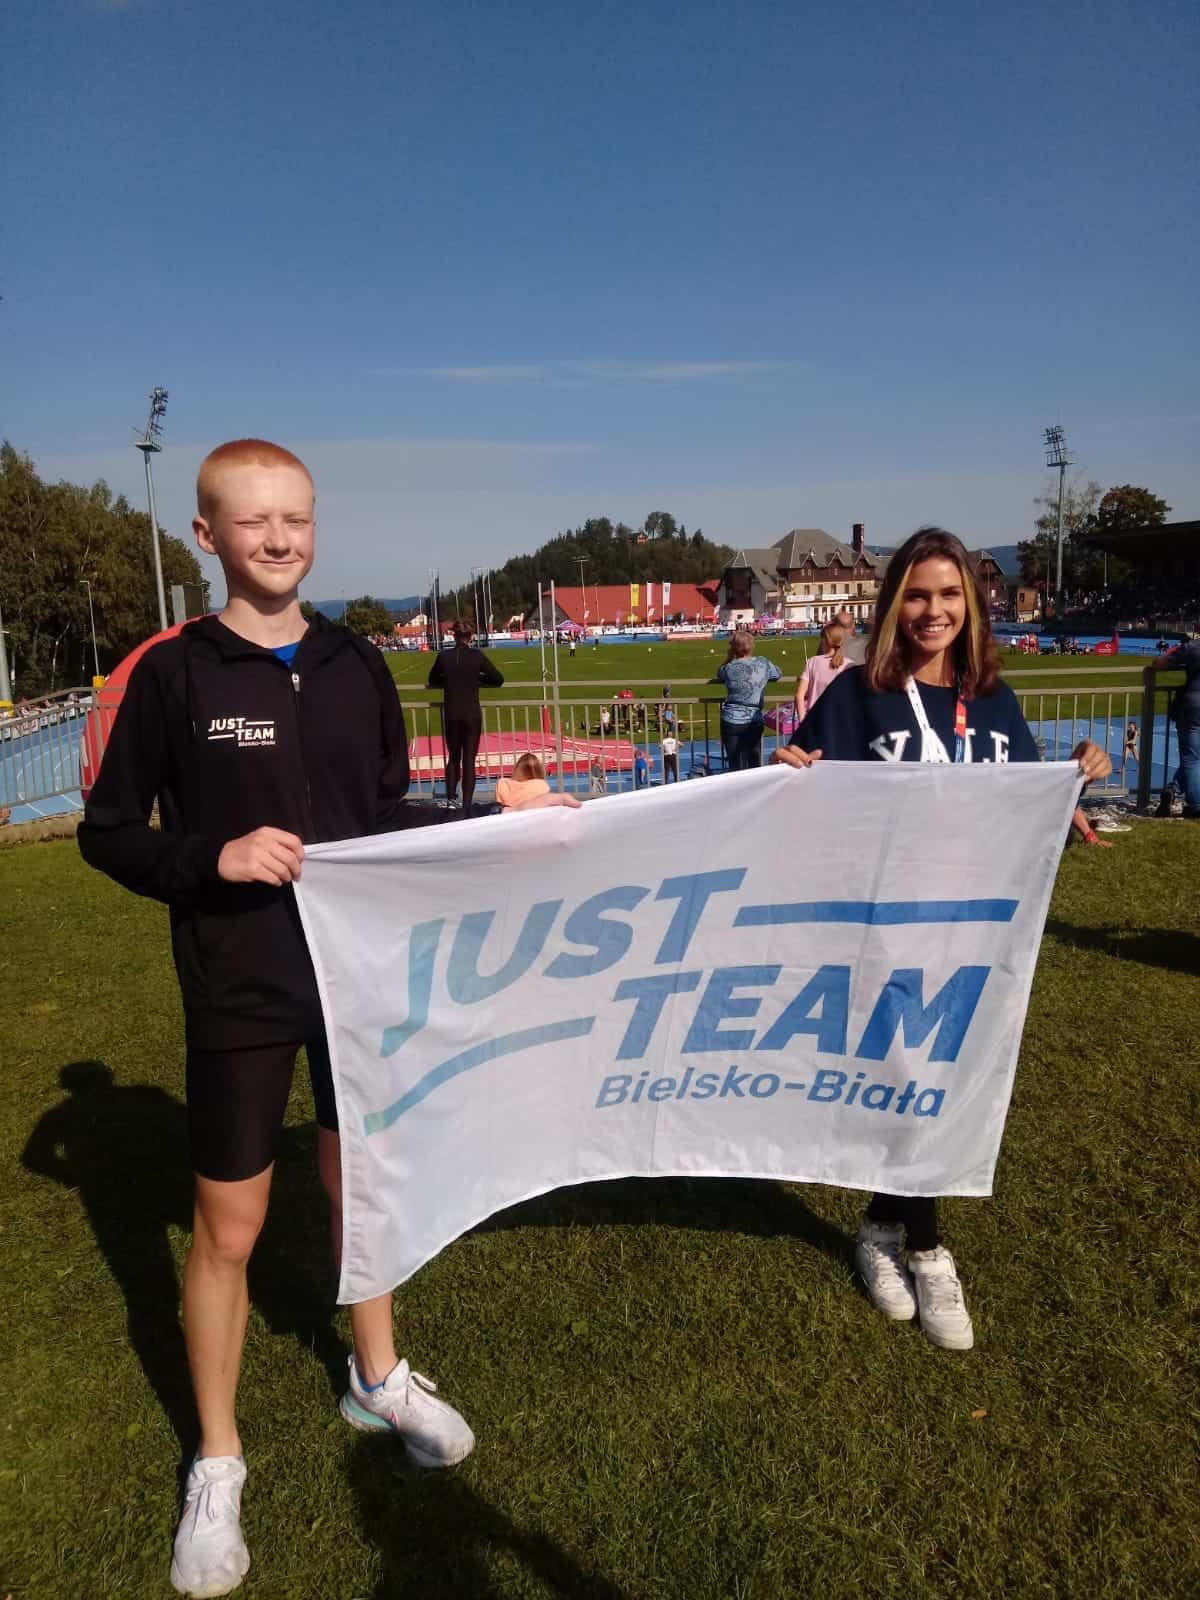 25-26.09.2021 r. – Mistrzostwa Polski U16 Mały Memoriał Janusza Kusocińskiego – Karpacz